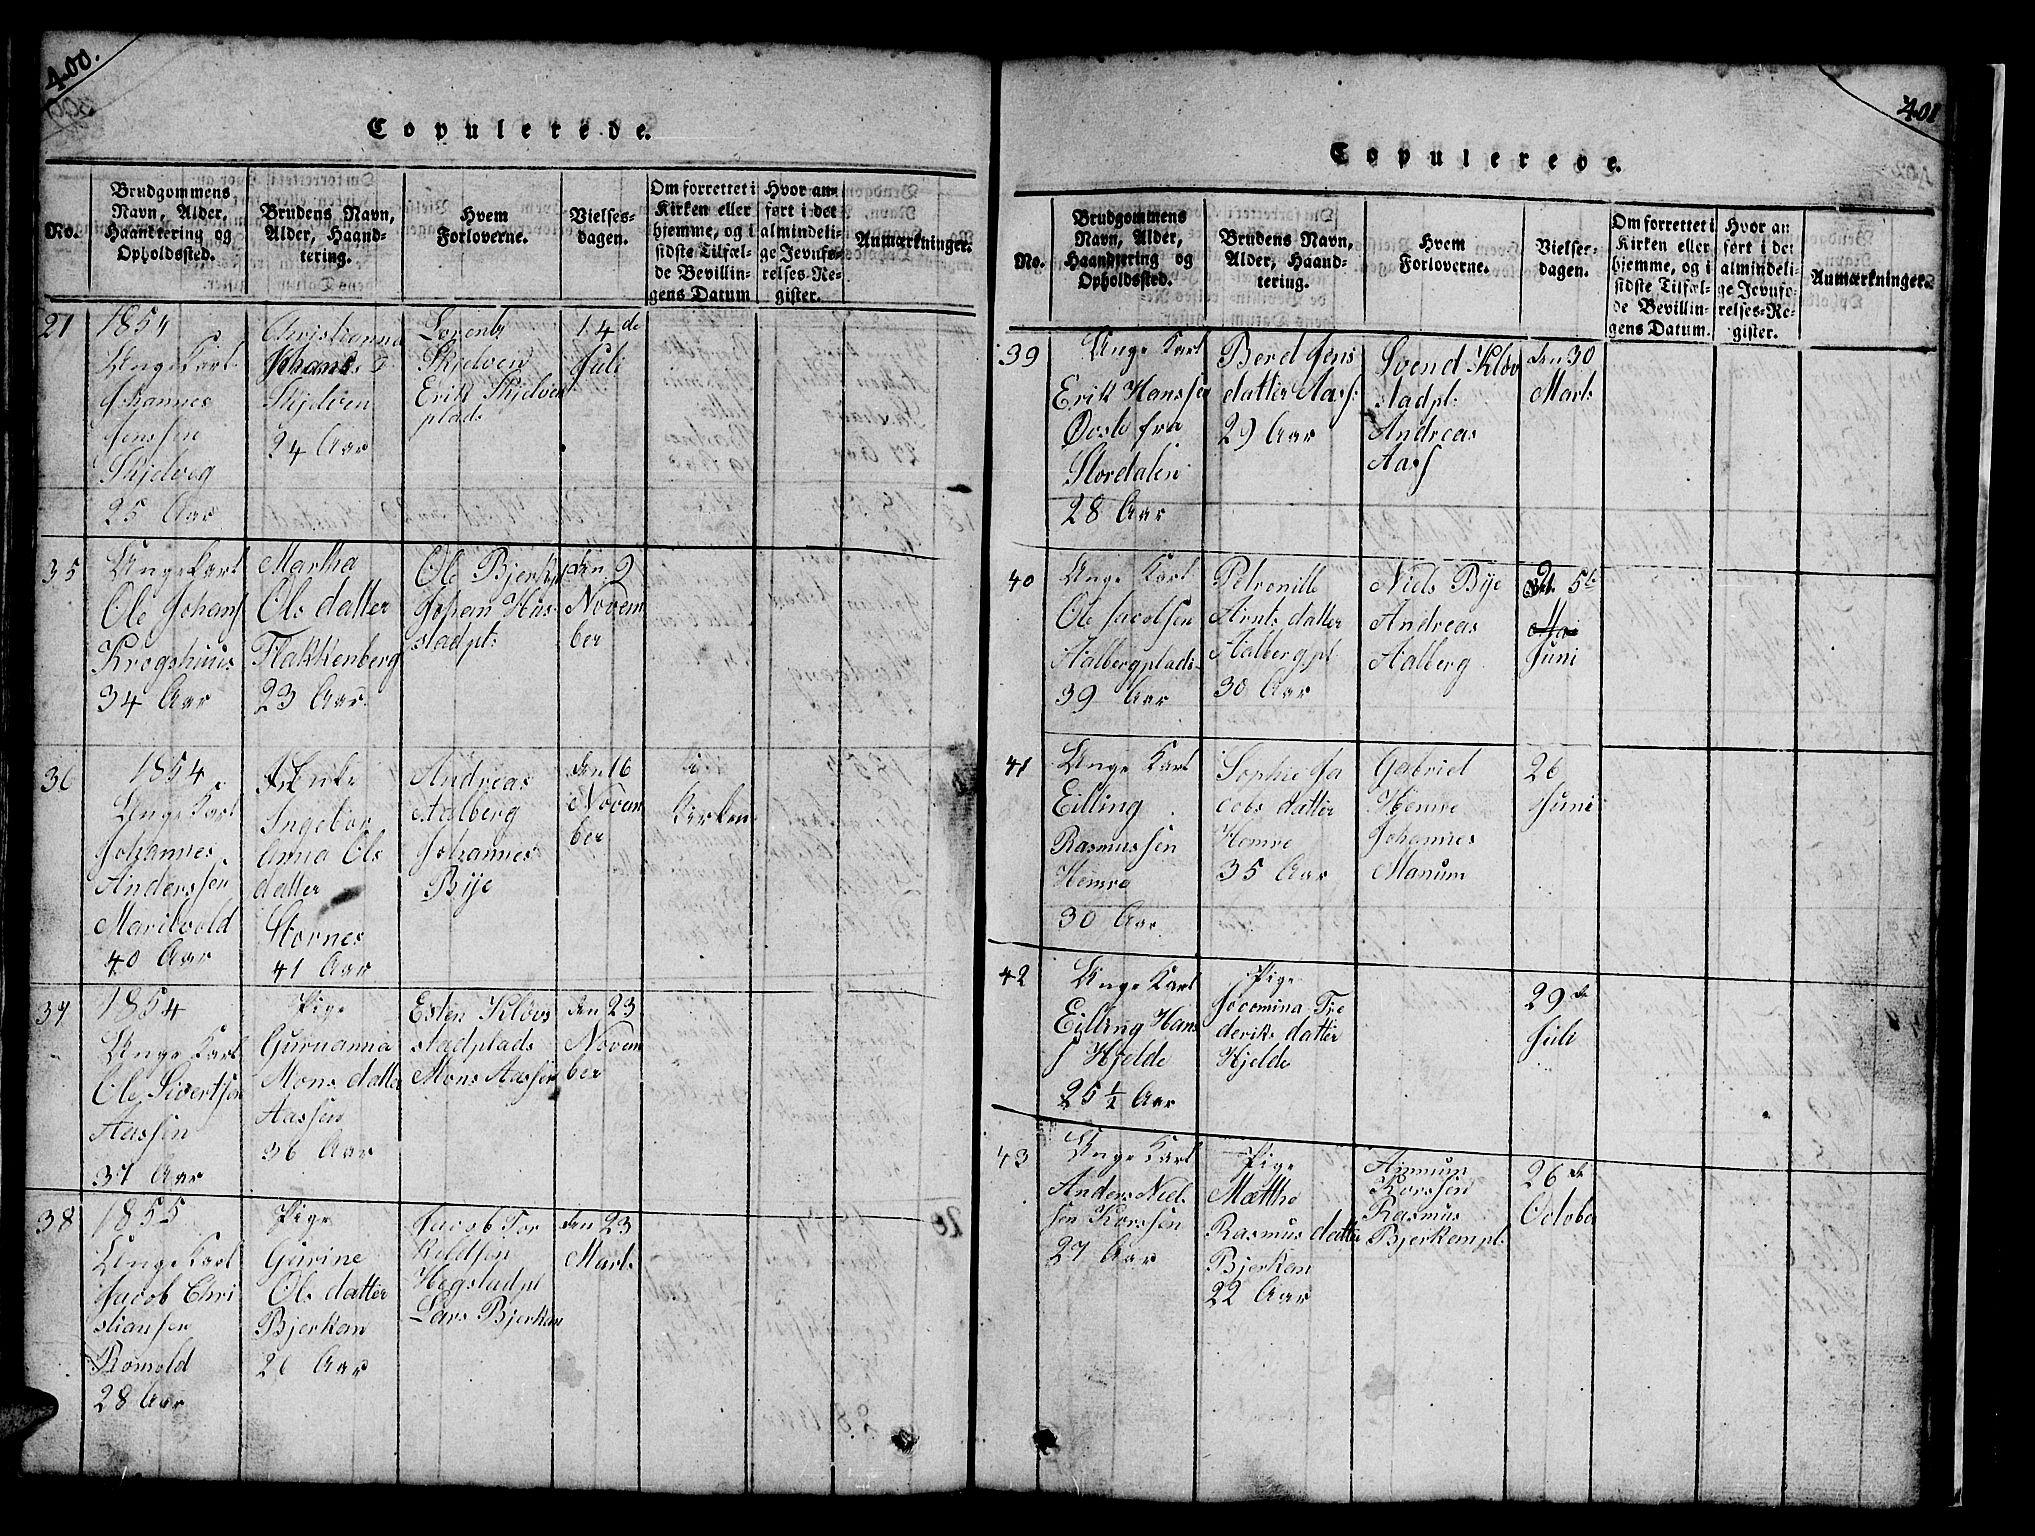 SAT, Ministerialprotokoller, klokkerbøker og fødselsregistre - Nord-Trøndelag, 732/L0317: Klokkerbok nr. 732C01, 1816-1881, s. 400-401